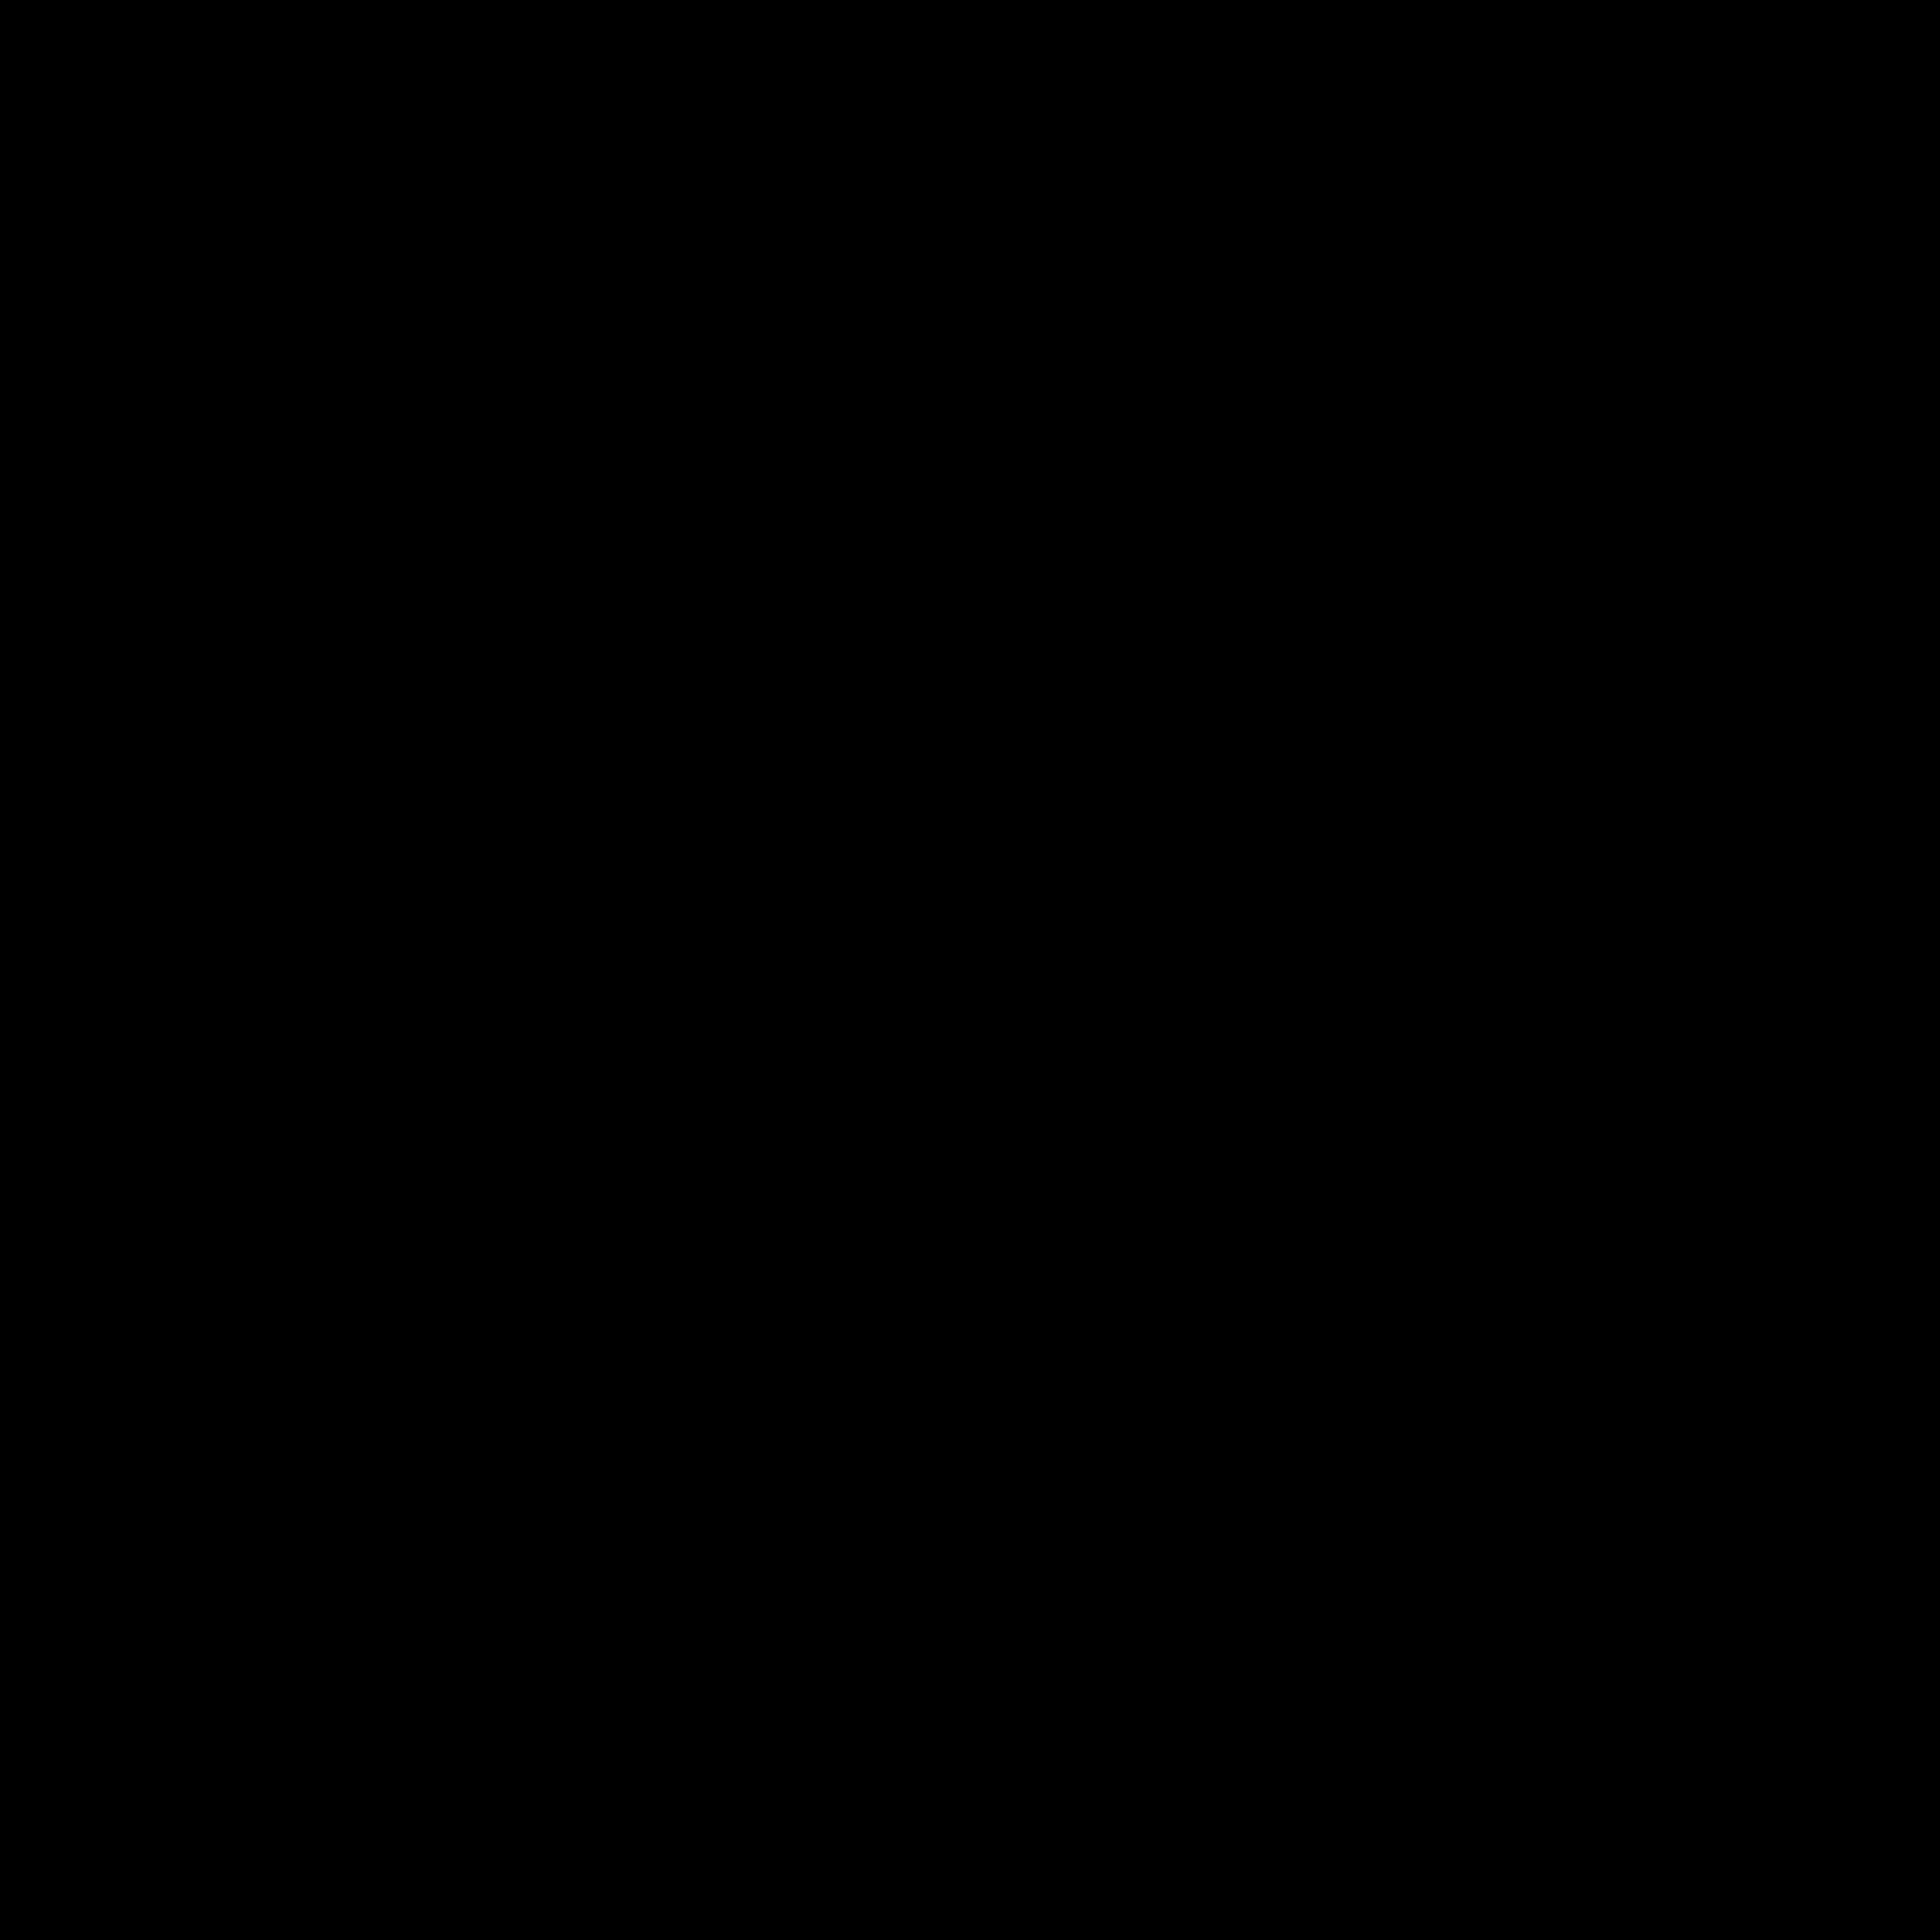 Download Reddit Png Clipart HQ PNG Image